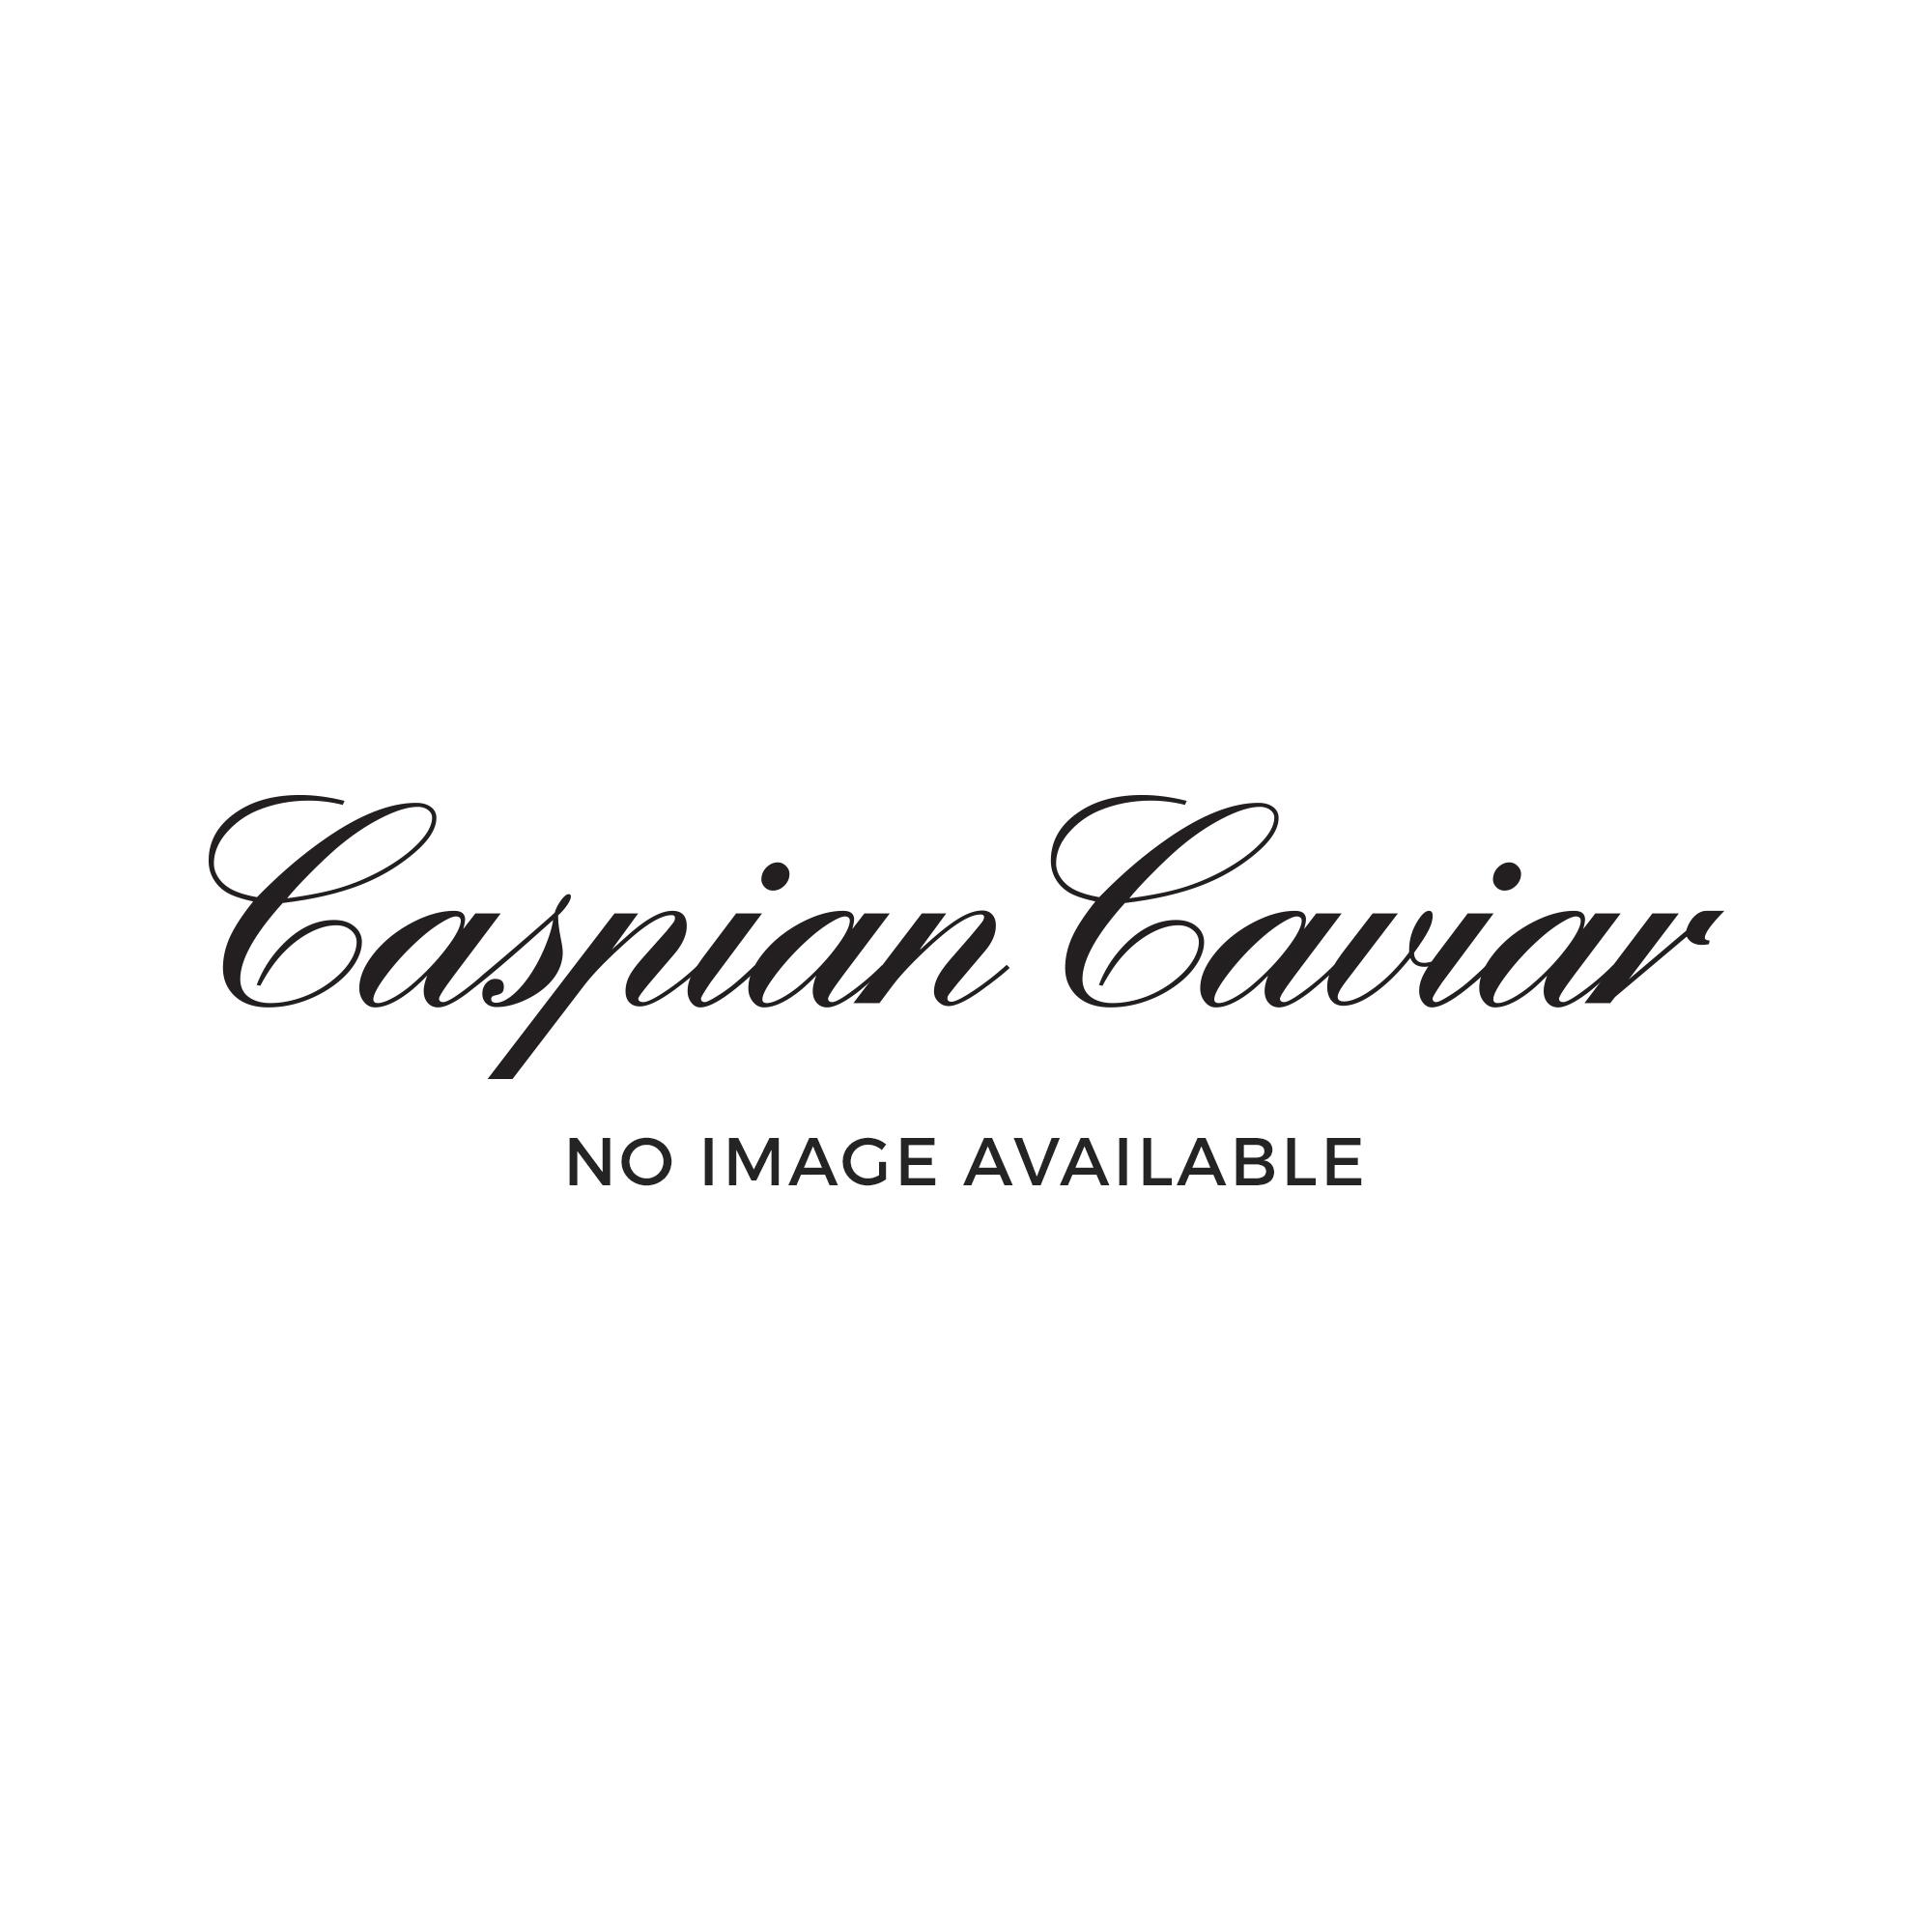 Caspian Caviar Goma Wakame 100g